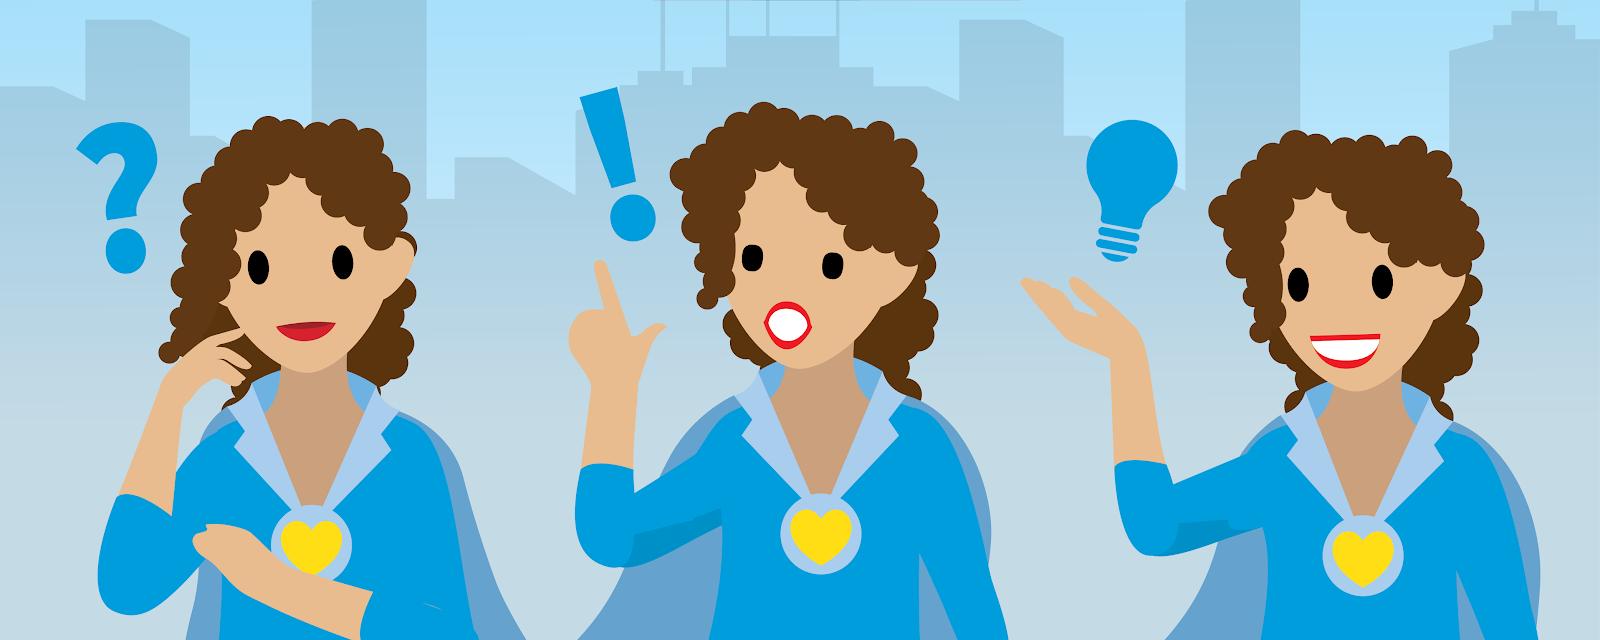 都市のスカイラインを背景にして 3 つの異なるポースを取る女性の図。